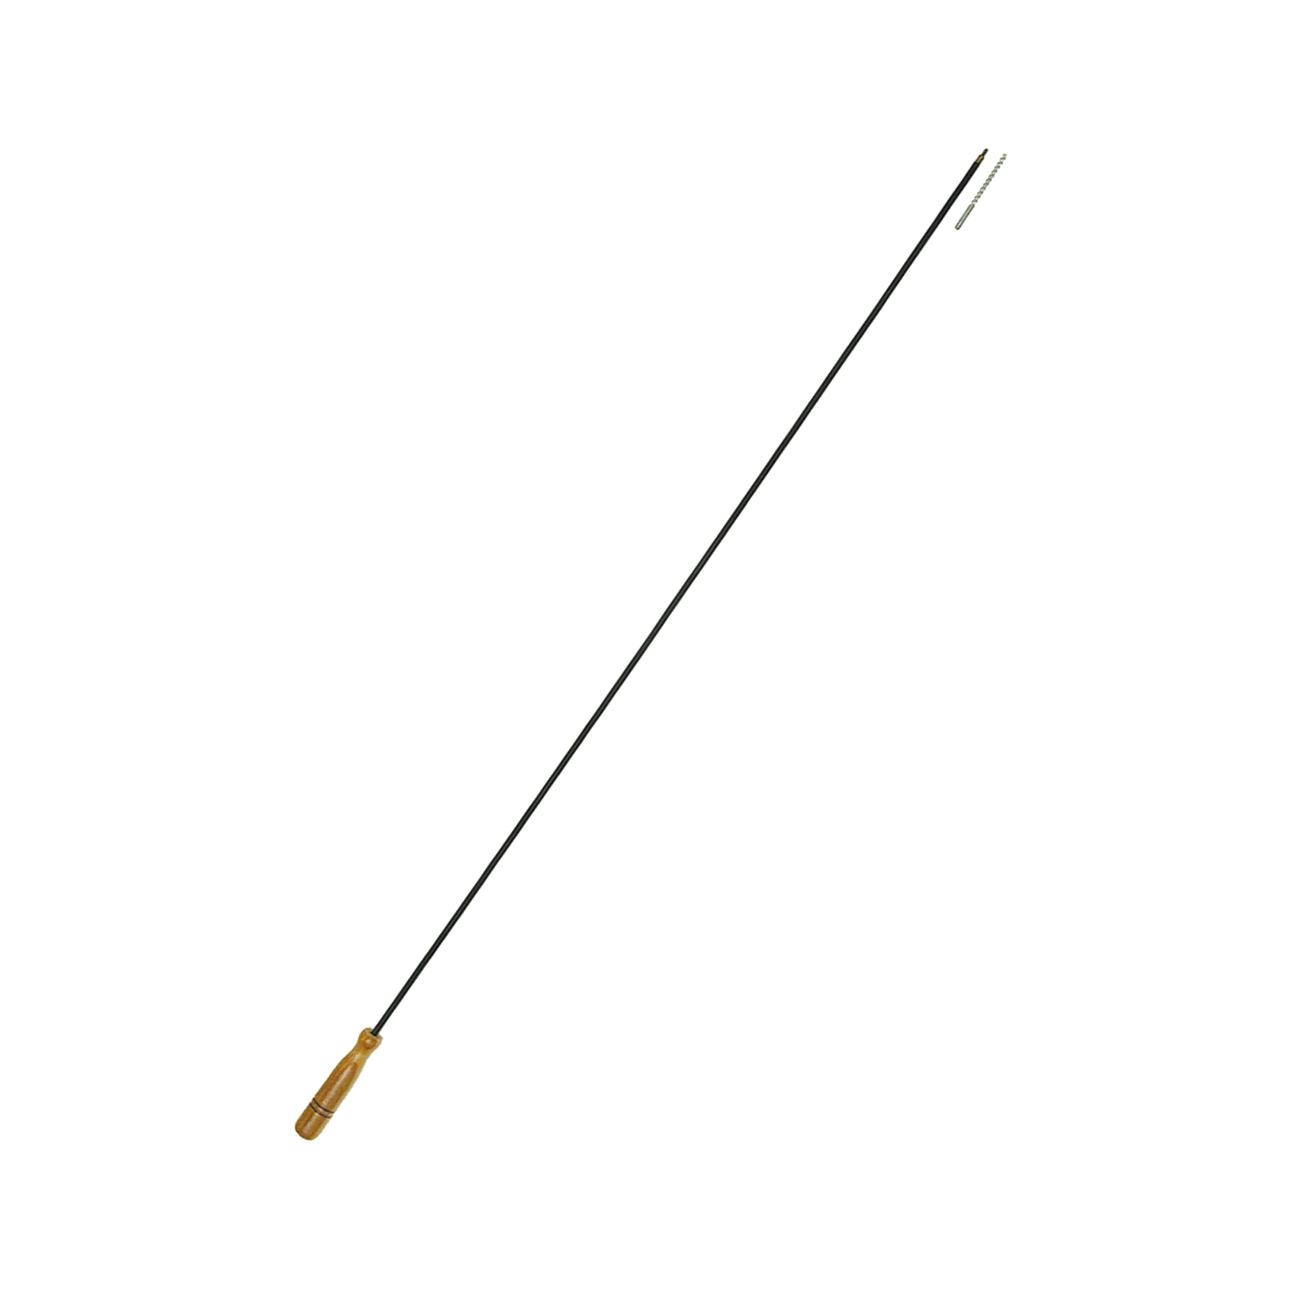 Bacchettone Carabina con Avvitatore in Acciaio Plastificato Ø 5 mm